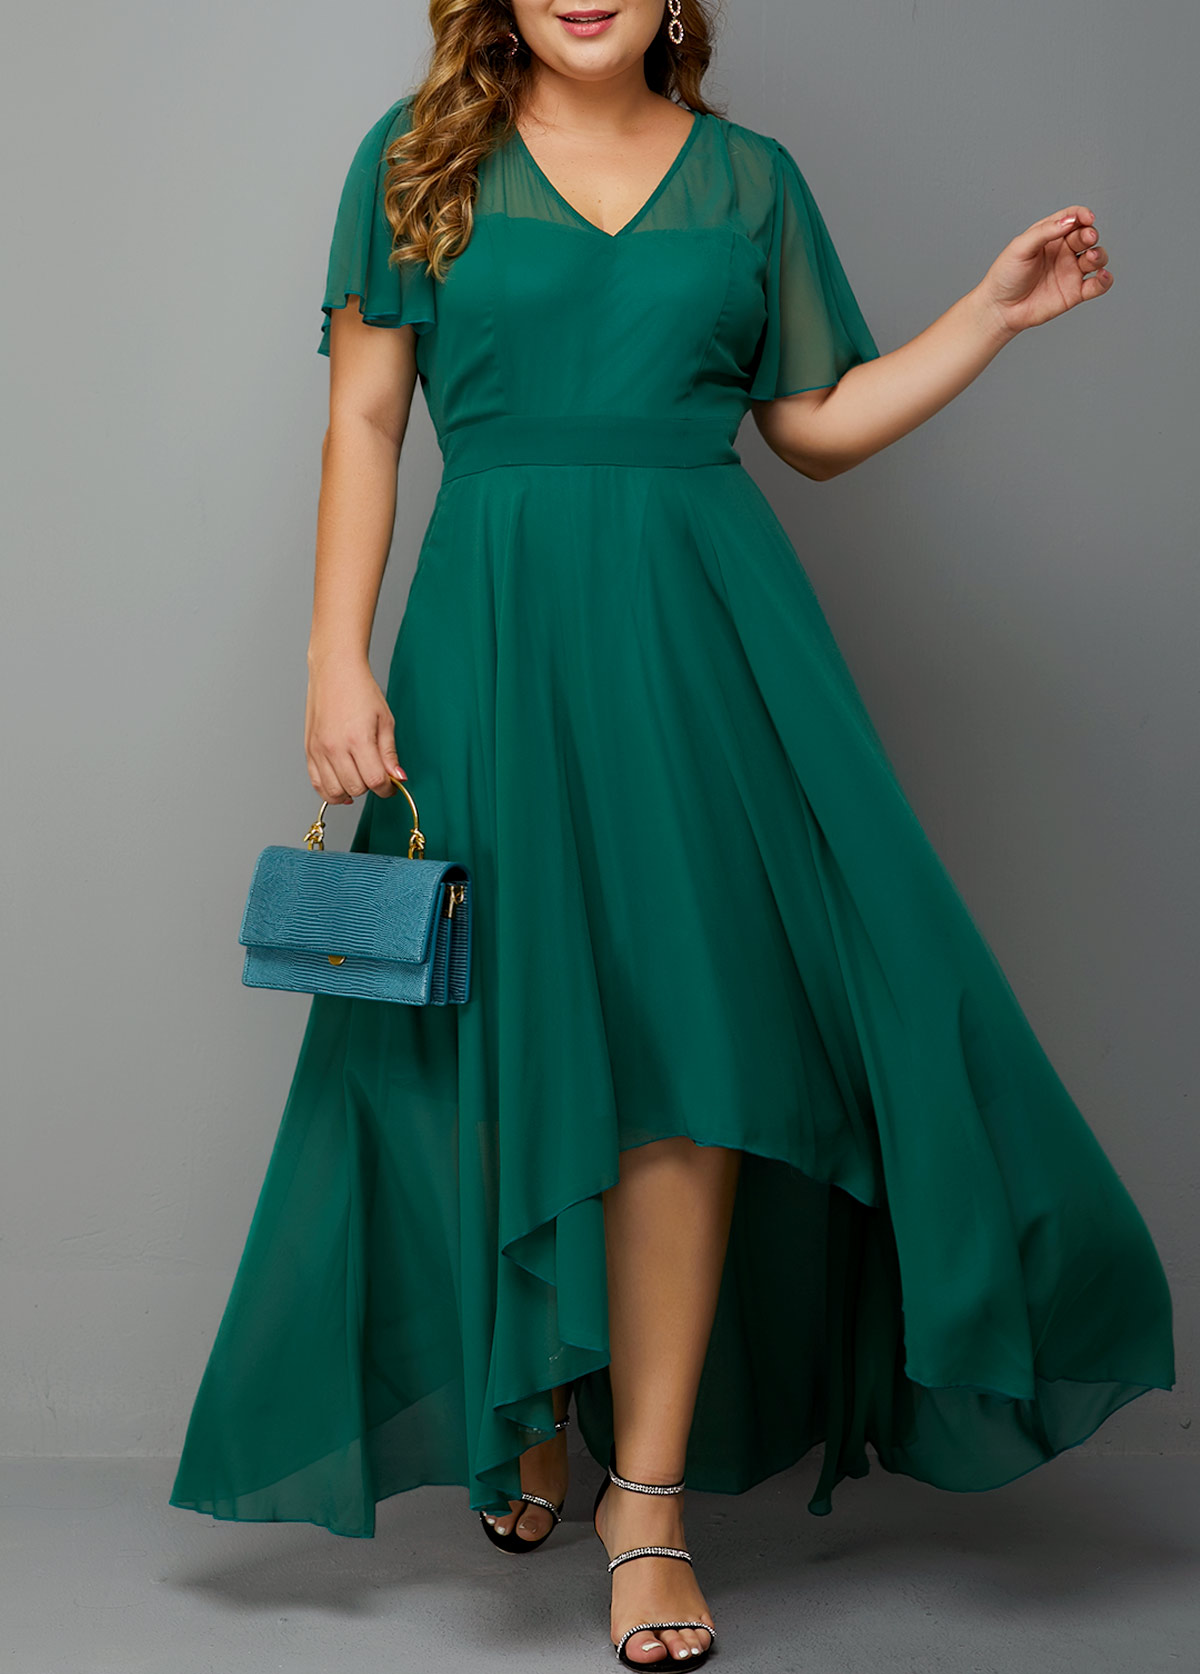 Asymmetric Hem Chiffon Plus Size Dress